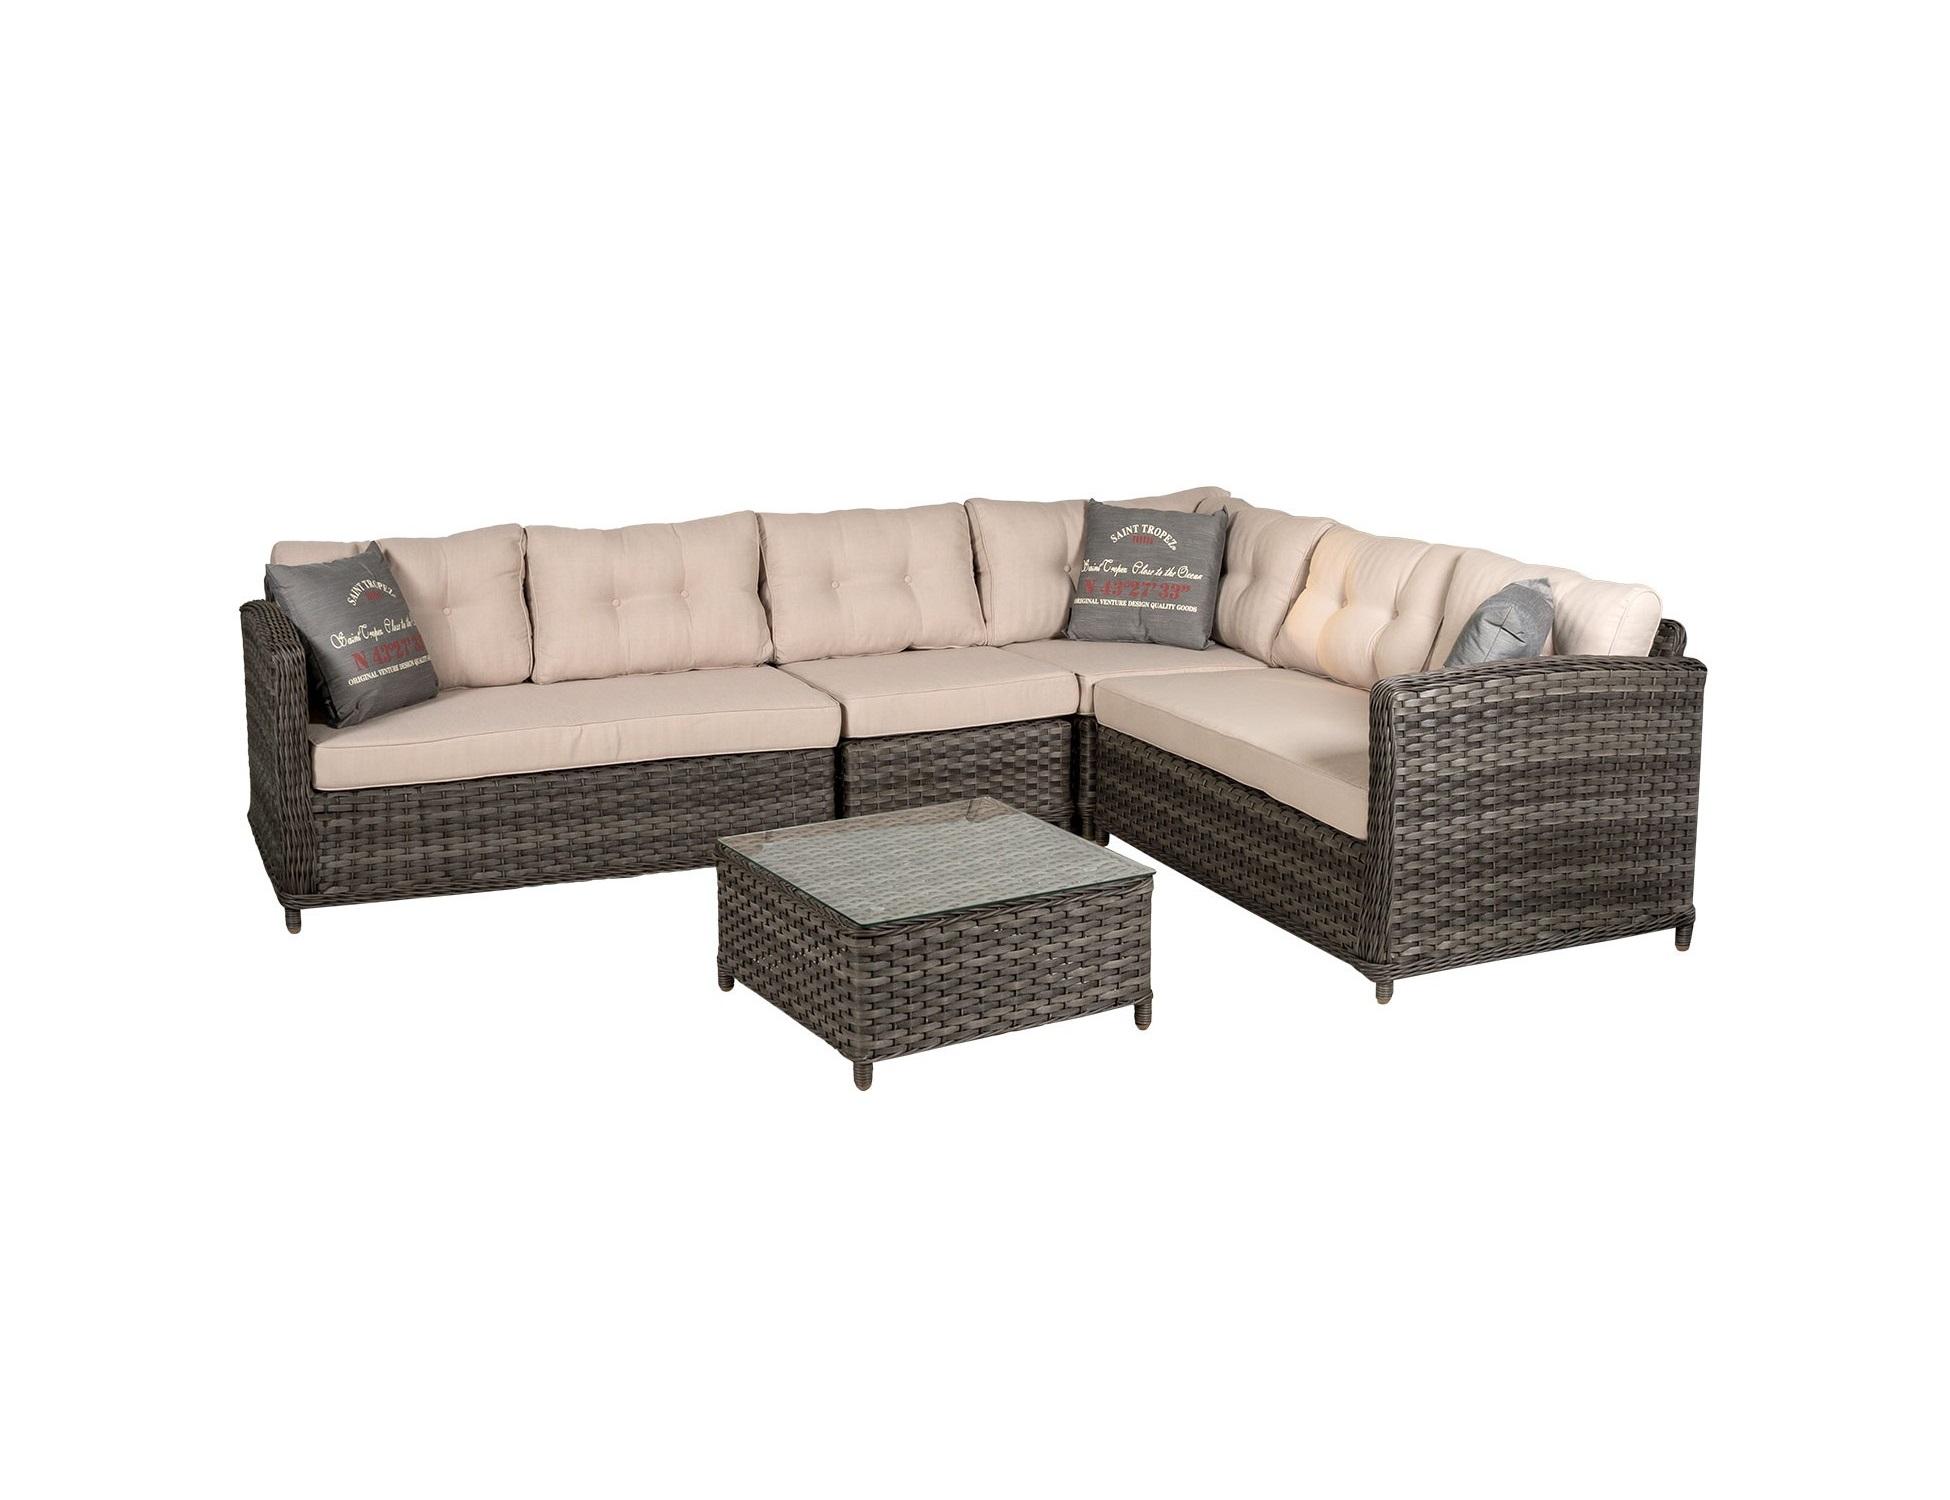 Комплект PalermoКомплекты уличной мебели<br>Плетеный комплект Palermo состоит из двух конечных секций (левой и правой), одной угловой секции, одной центральной секции и стола. Подушки включены в комплект поставки.&amp;amp;nbsp;&amp;lt;div&amp;gt;&amp;lt;br&amp;gt;&amp;lt;/div&amp;gt;&amp;lt;div&amp;gt;Конечная секция:<br>Длина: 129 см<br>Ширина: 80 см<br>Высота: 70 см&amp;amp;nbsp;&amp;lt;/div&amp;gt;&amp;lt;div&amp;gt;Угловая секция:<br>Длина: 80 см<br>Ширина: 80 см<br>Высота: 70 см&amp;amp;nbsp;&amp;lt;/div&amp;gt;&amp;lt;div&amp;gt;Центральная секция:<br>Длина: 60 см<br>Ширина: 80 см<br>Высота: 70 см&amp;amp;nbsp;&amp;lt;/div&amp;gt;&amp;lt;div&amp;gt;Стол:<br>Длина: 65 см<br>Ширина: 65 см<br>Высота: 31 см&amp;lt;/div&amp;gt;<br><br>Material: Искусственный ротанг<br>Length см: None<br>Width см: 209269<br>Depth см: 269<br>Height см: 70